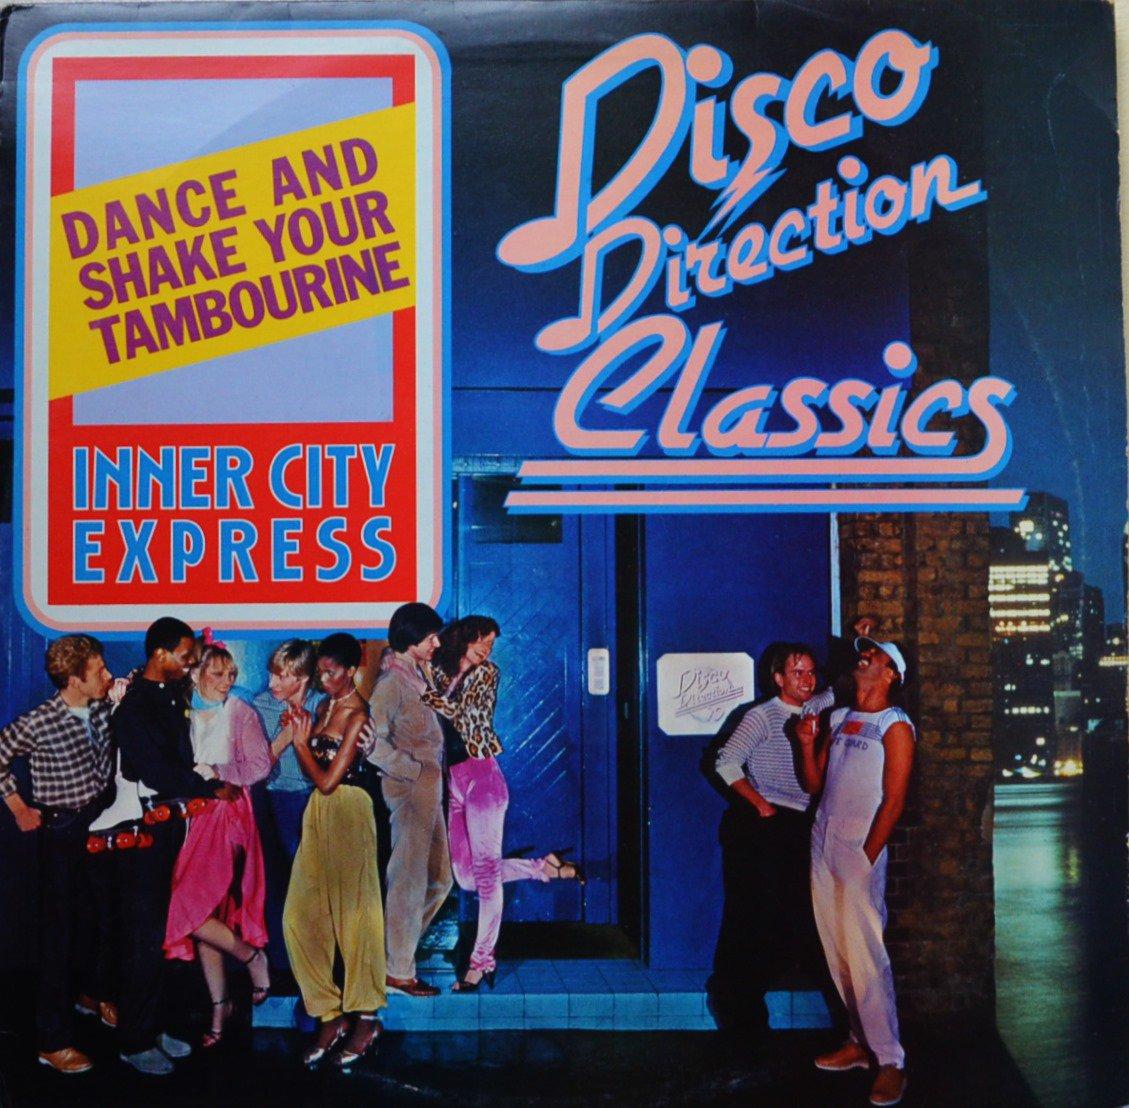 INNER CITY EXPRESS / DANCE AND SHAKE YOUR TAMBOURINE (12